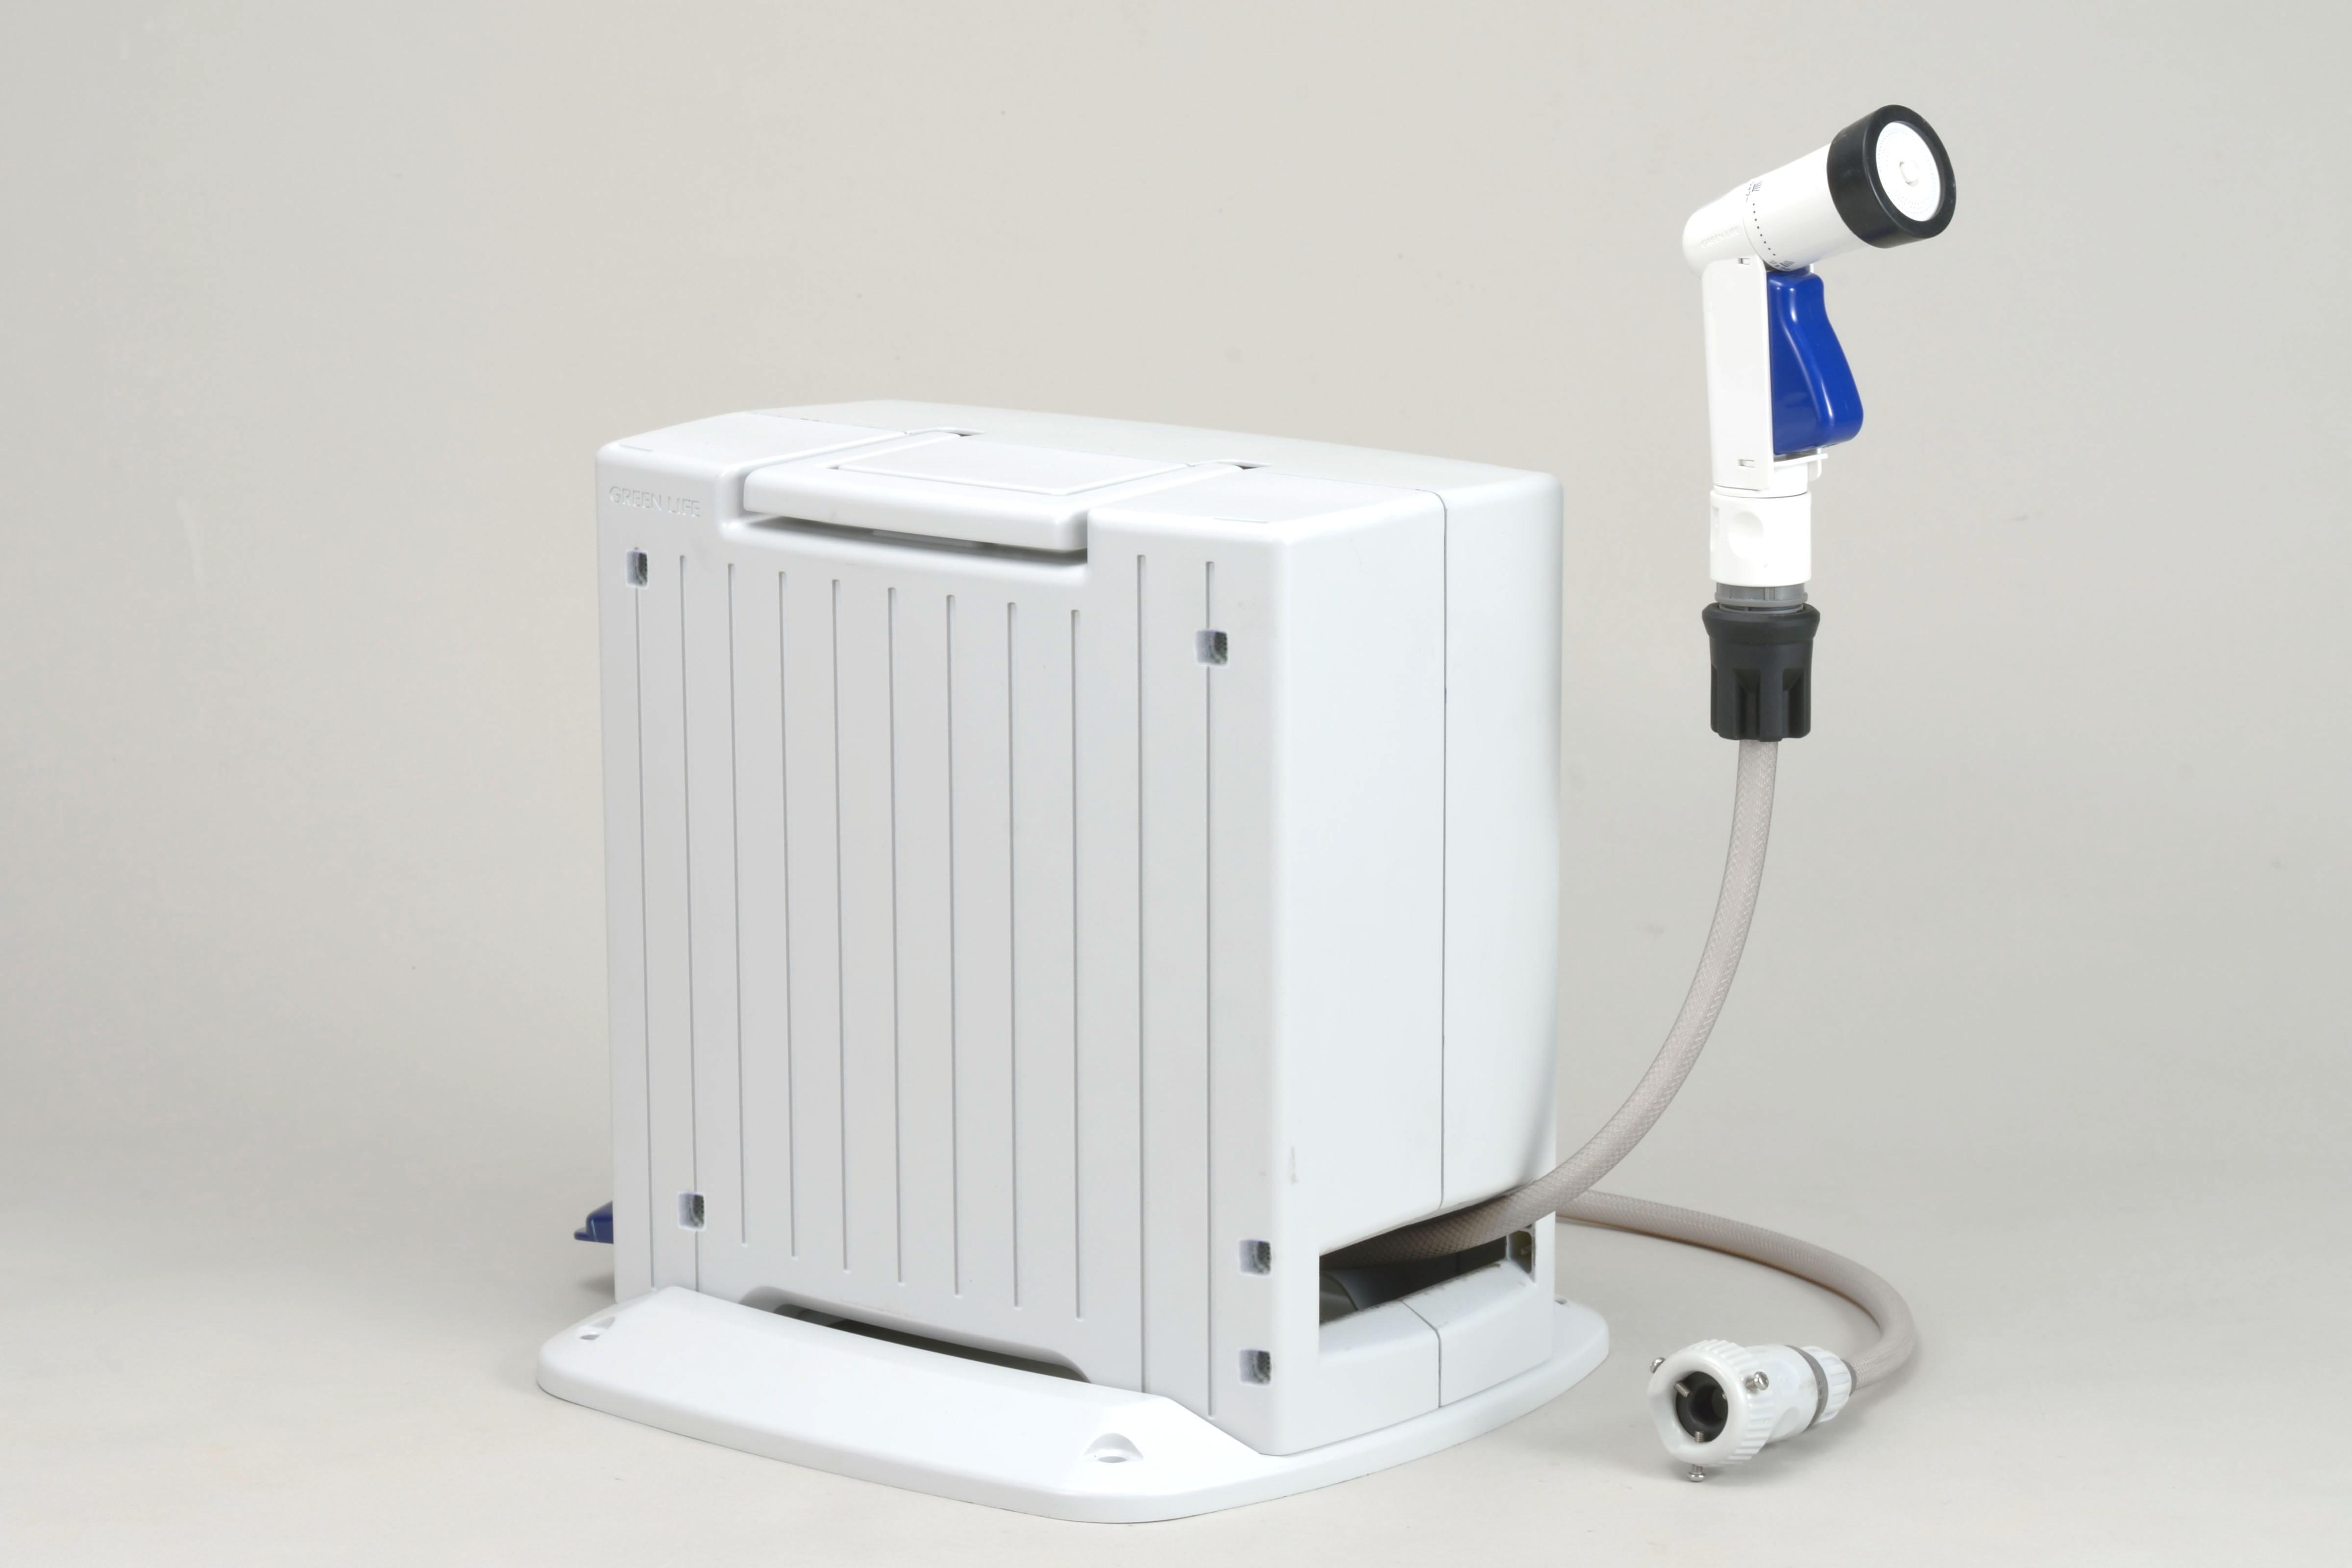 自動巻きホースリール&シャワー付蛇口コネクターセット